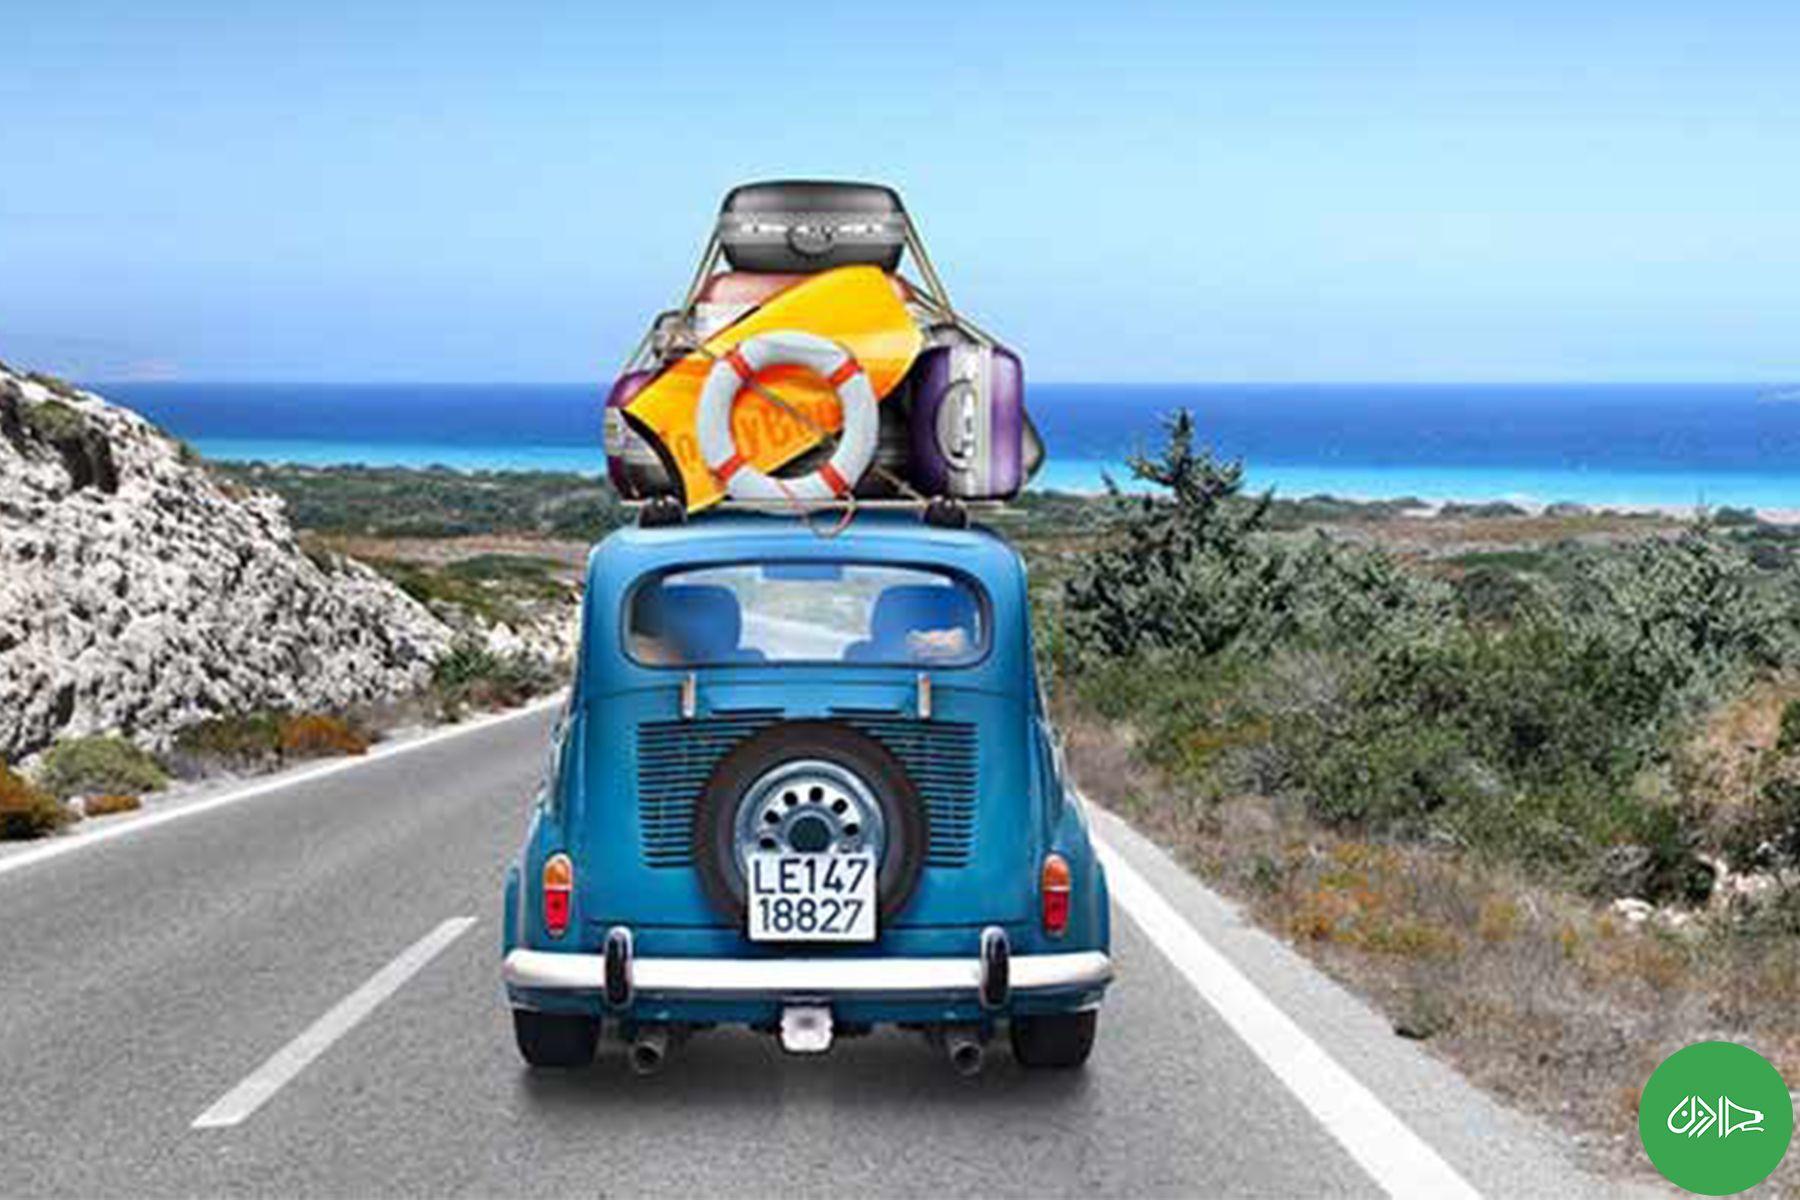 دیگه وقتشه ! ماشینو برای سفر نوروزی آماده کنیم بلاگ